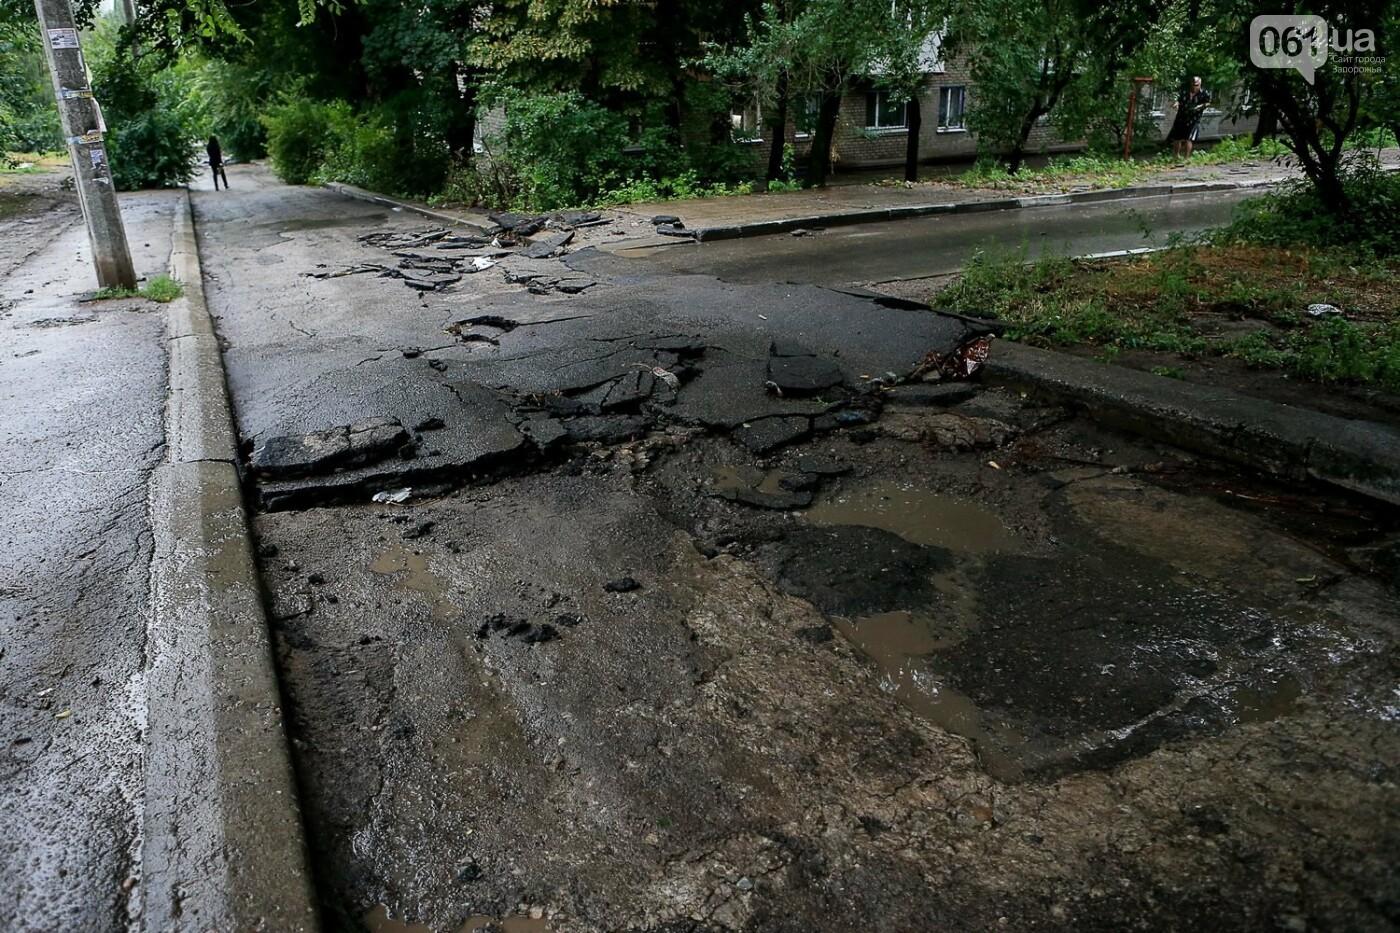 В Запорожье после ливней разрушены дороги: почему это произошло и за чей счет отремонтируют, - ФОТОРЕПОРТАЖ, фото-12